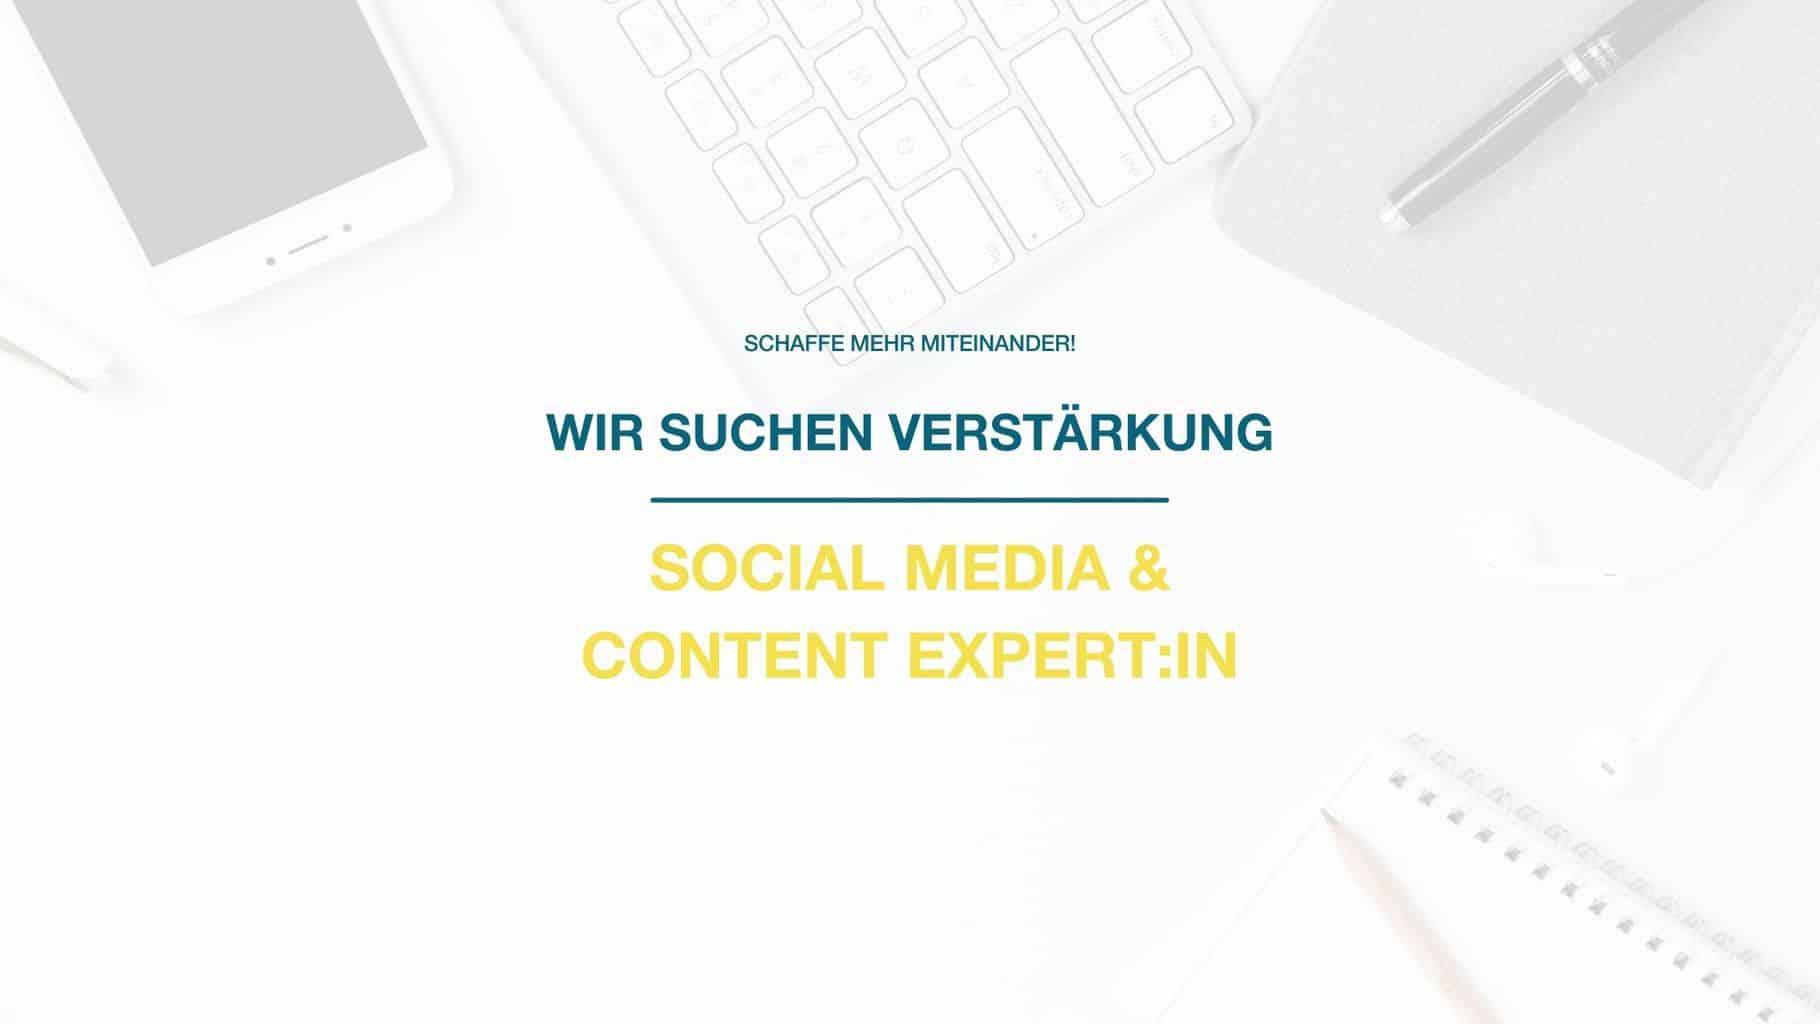 Job: Social Media & Content Expert:in